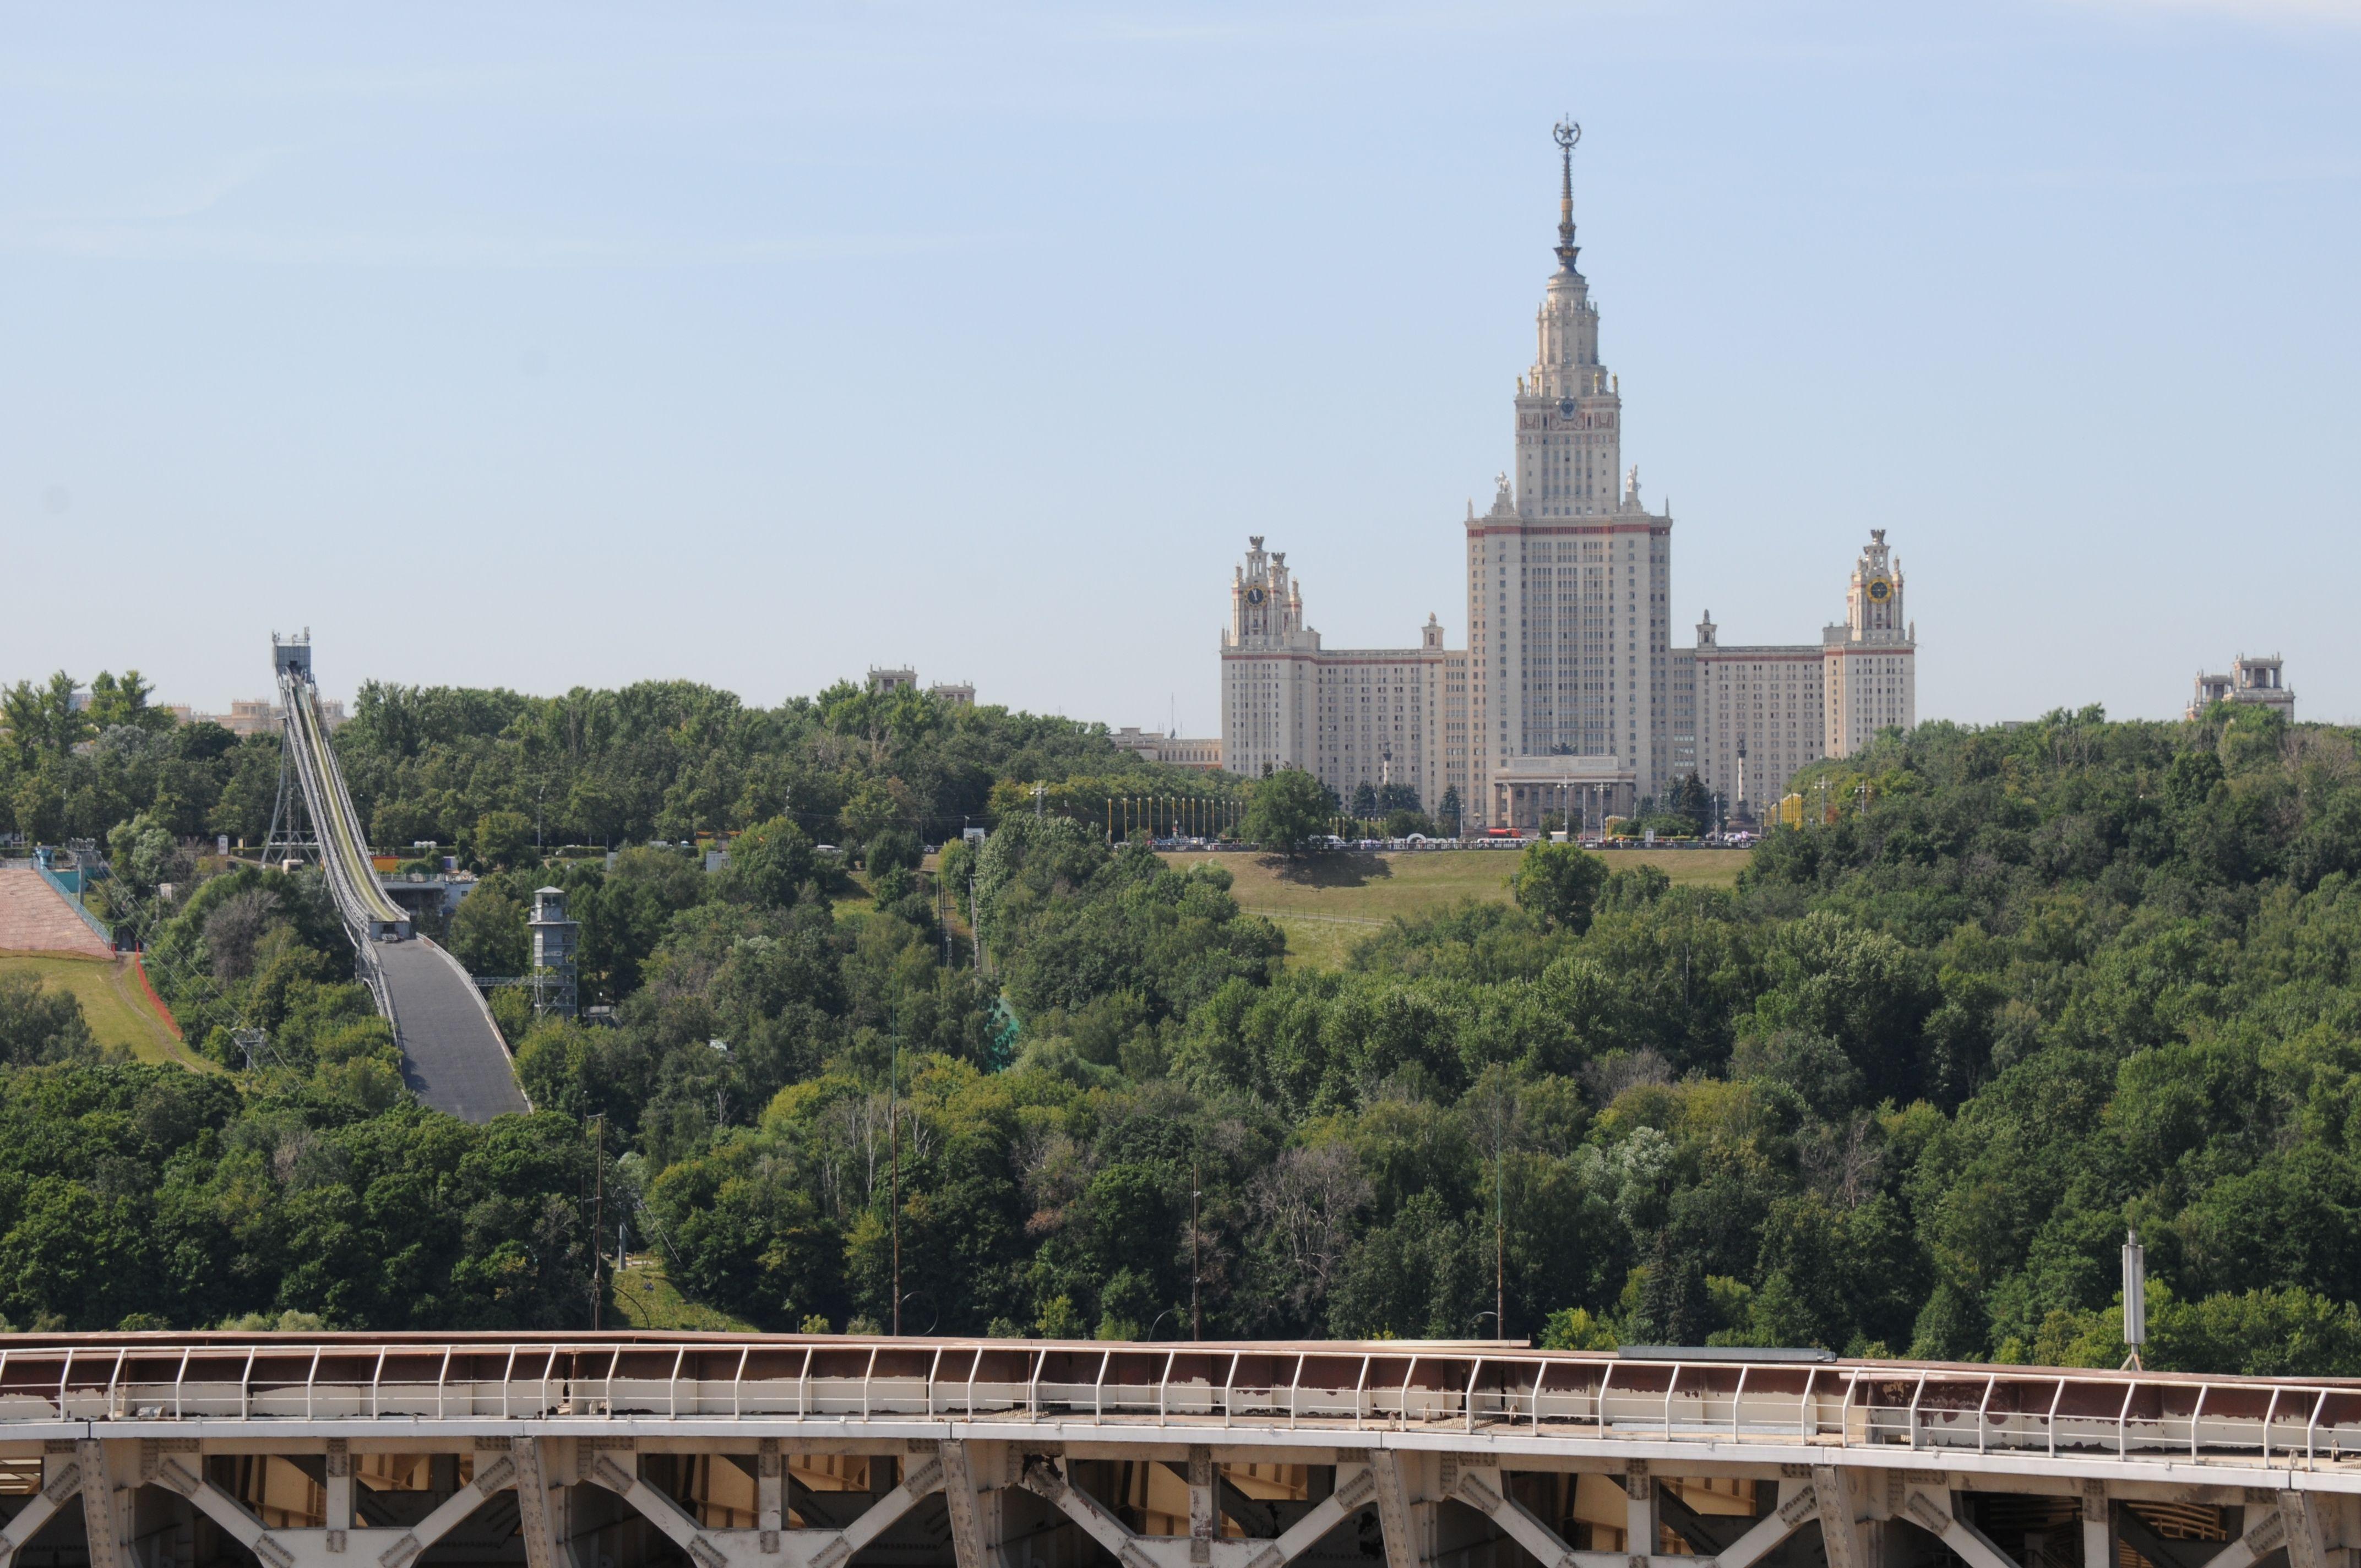 Экскурсионный маршрут откроют 25 мая. Фото: Владимир Новиков